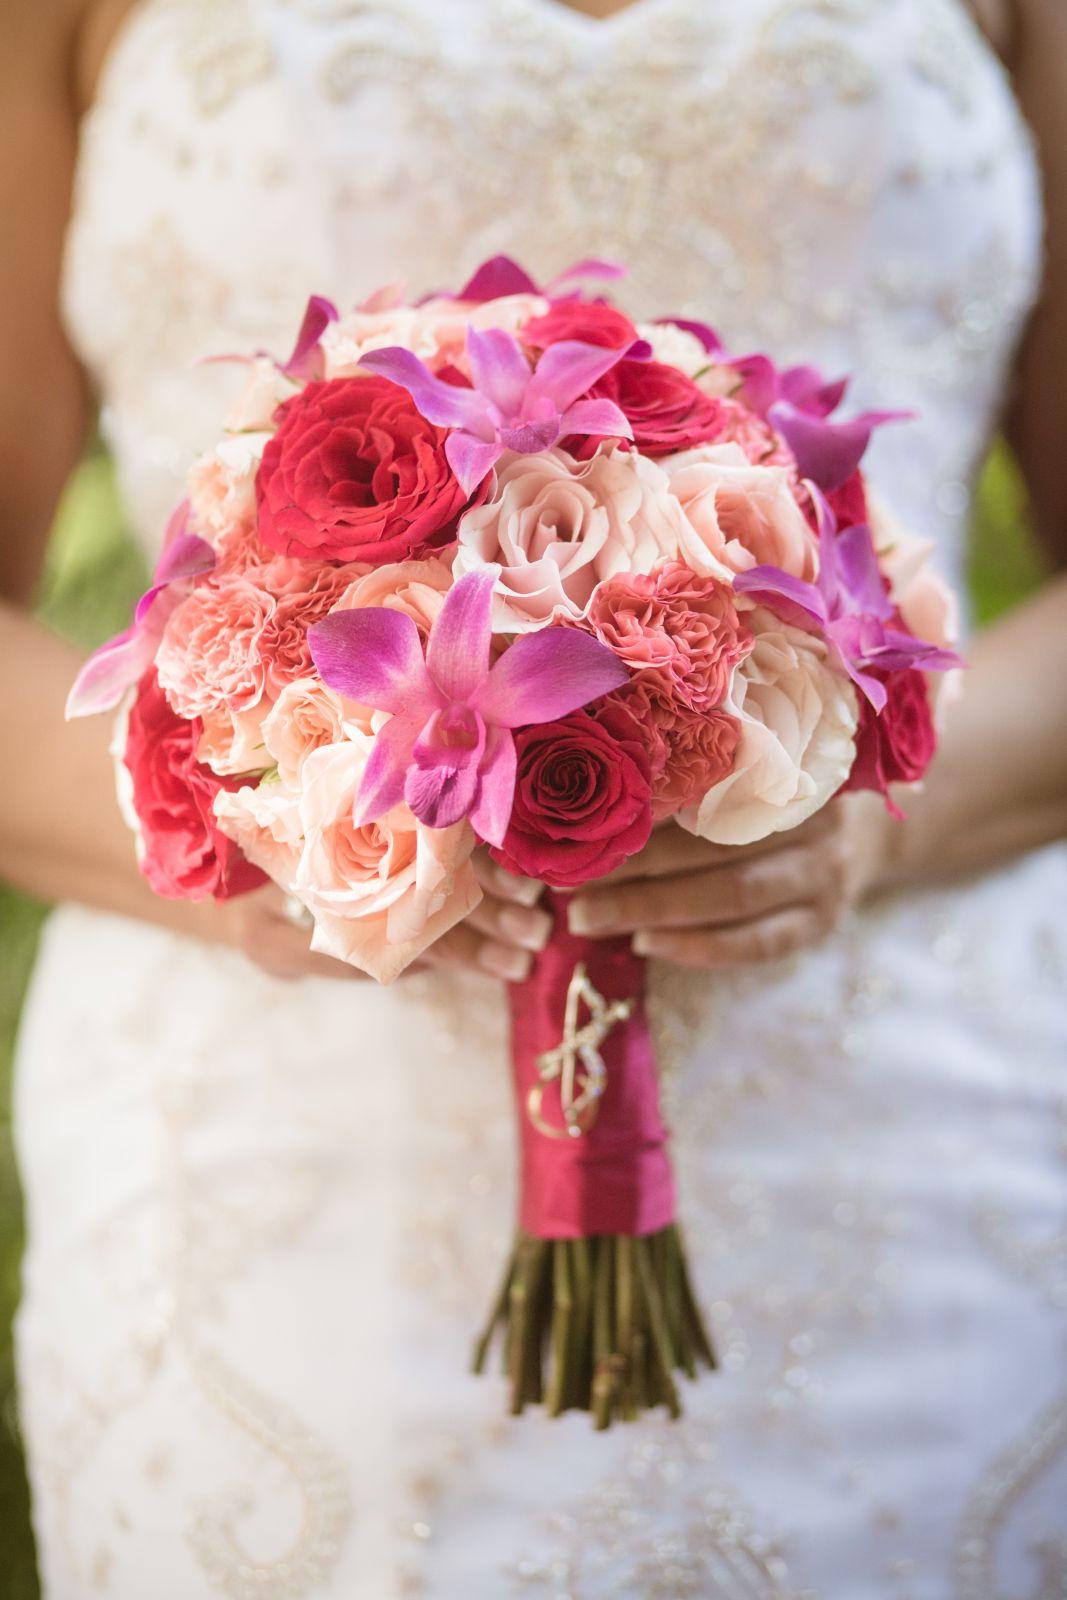 Wedding bouquet in pink